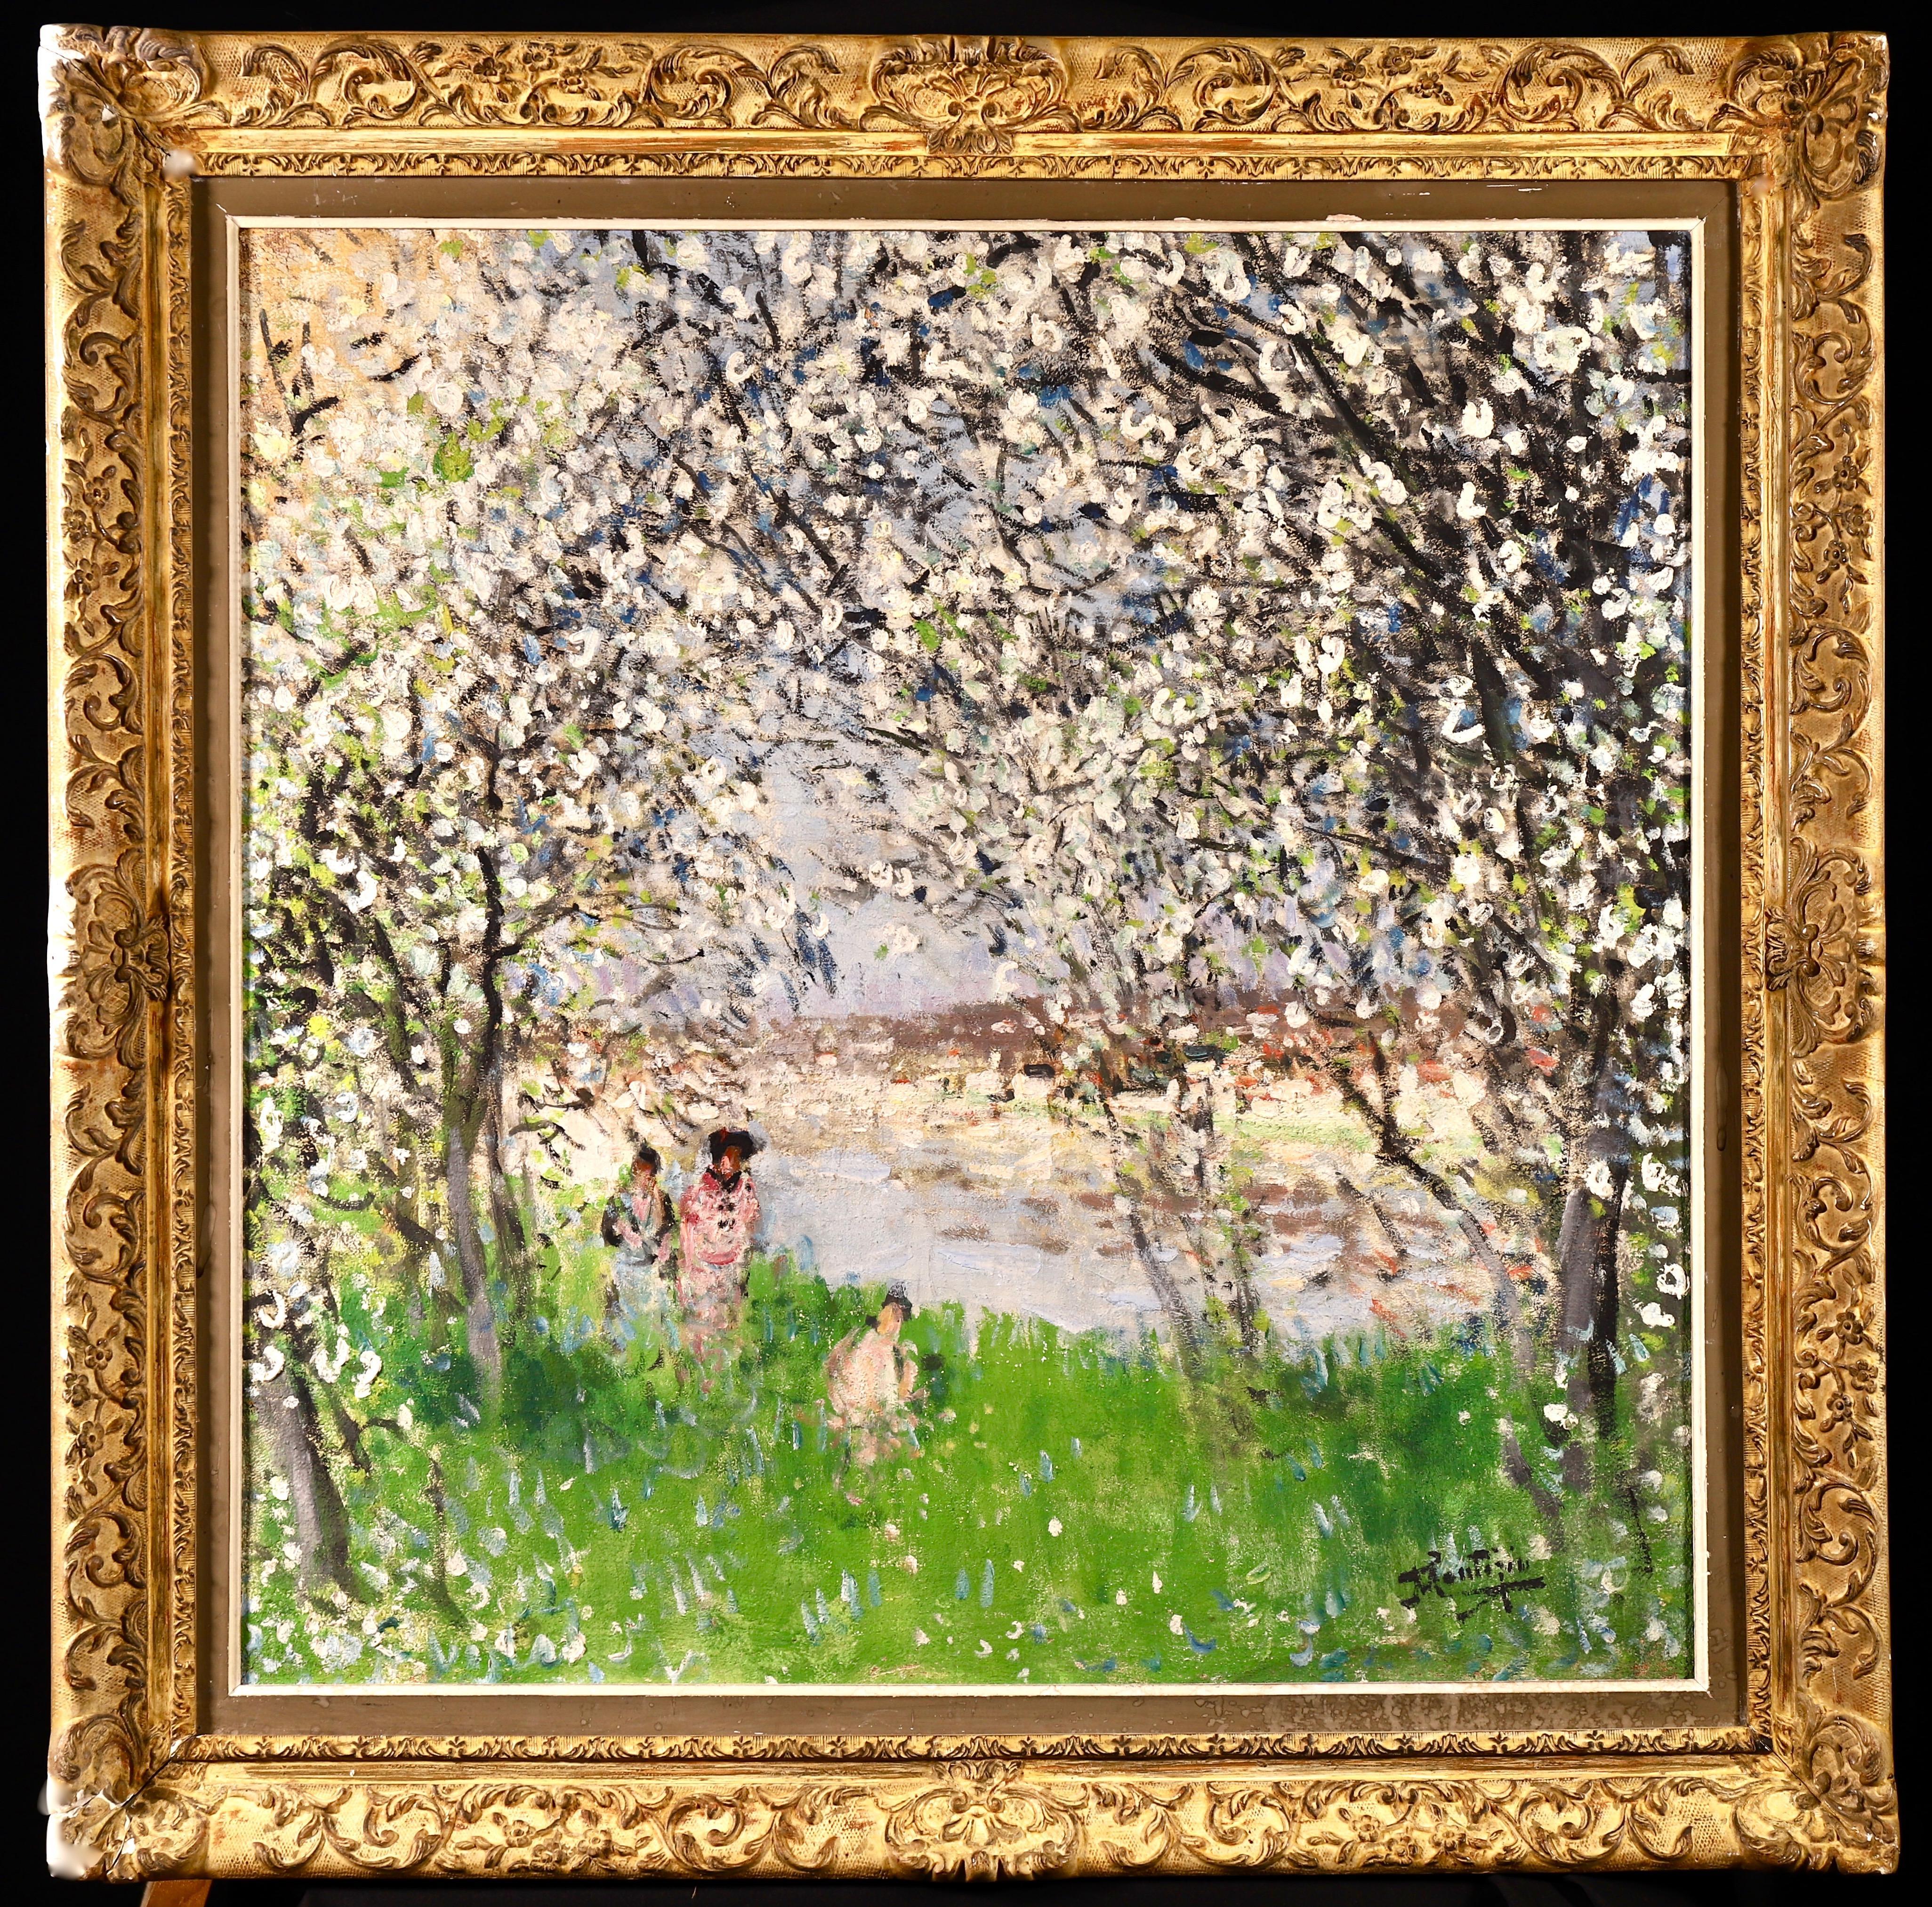 Printemps - Impressionist Oil, Figures under Blossom Trees by Pierre Montezin